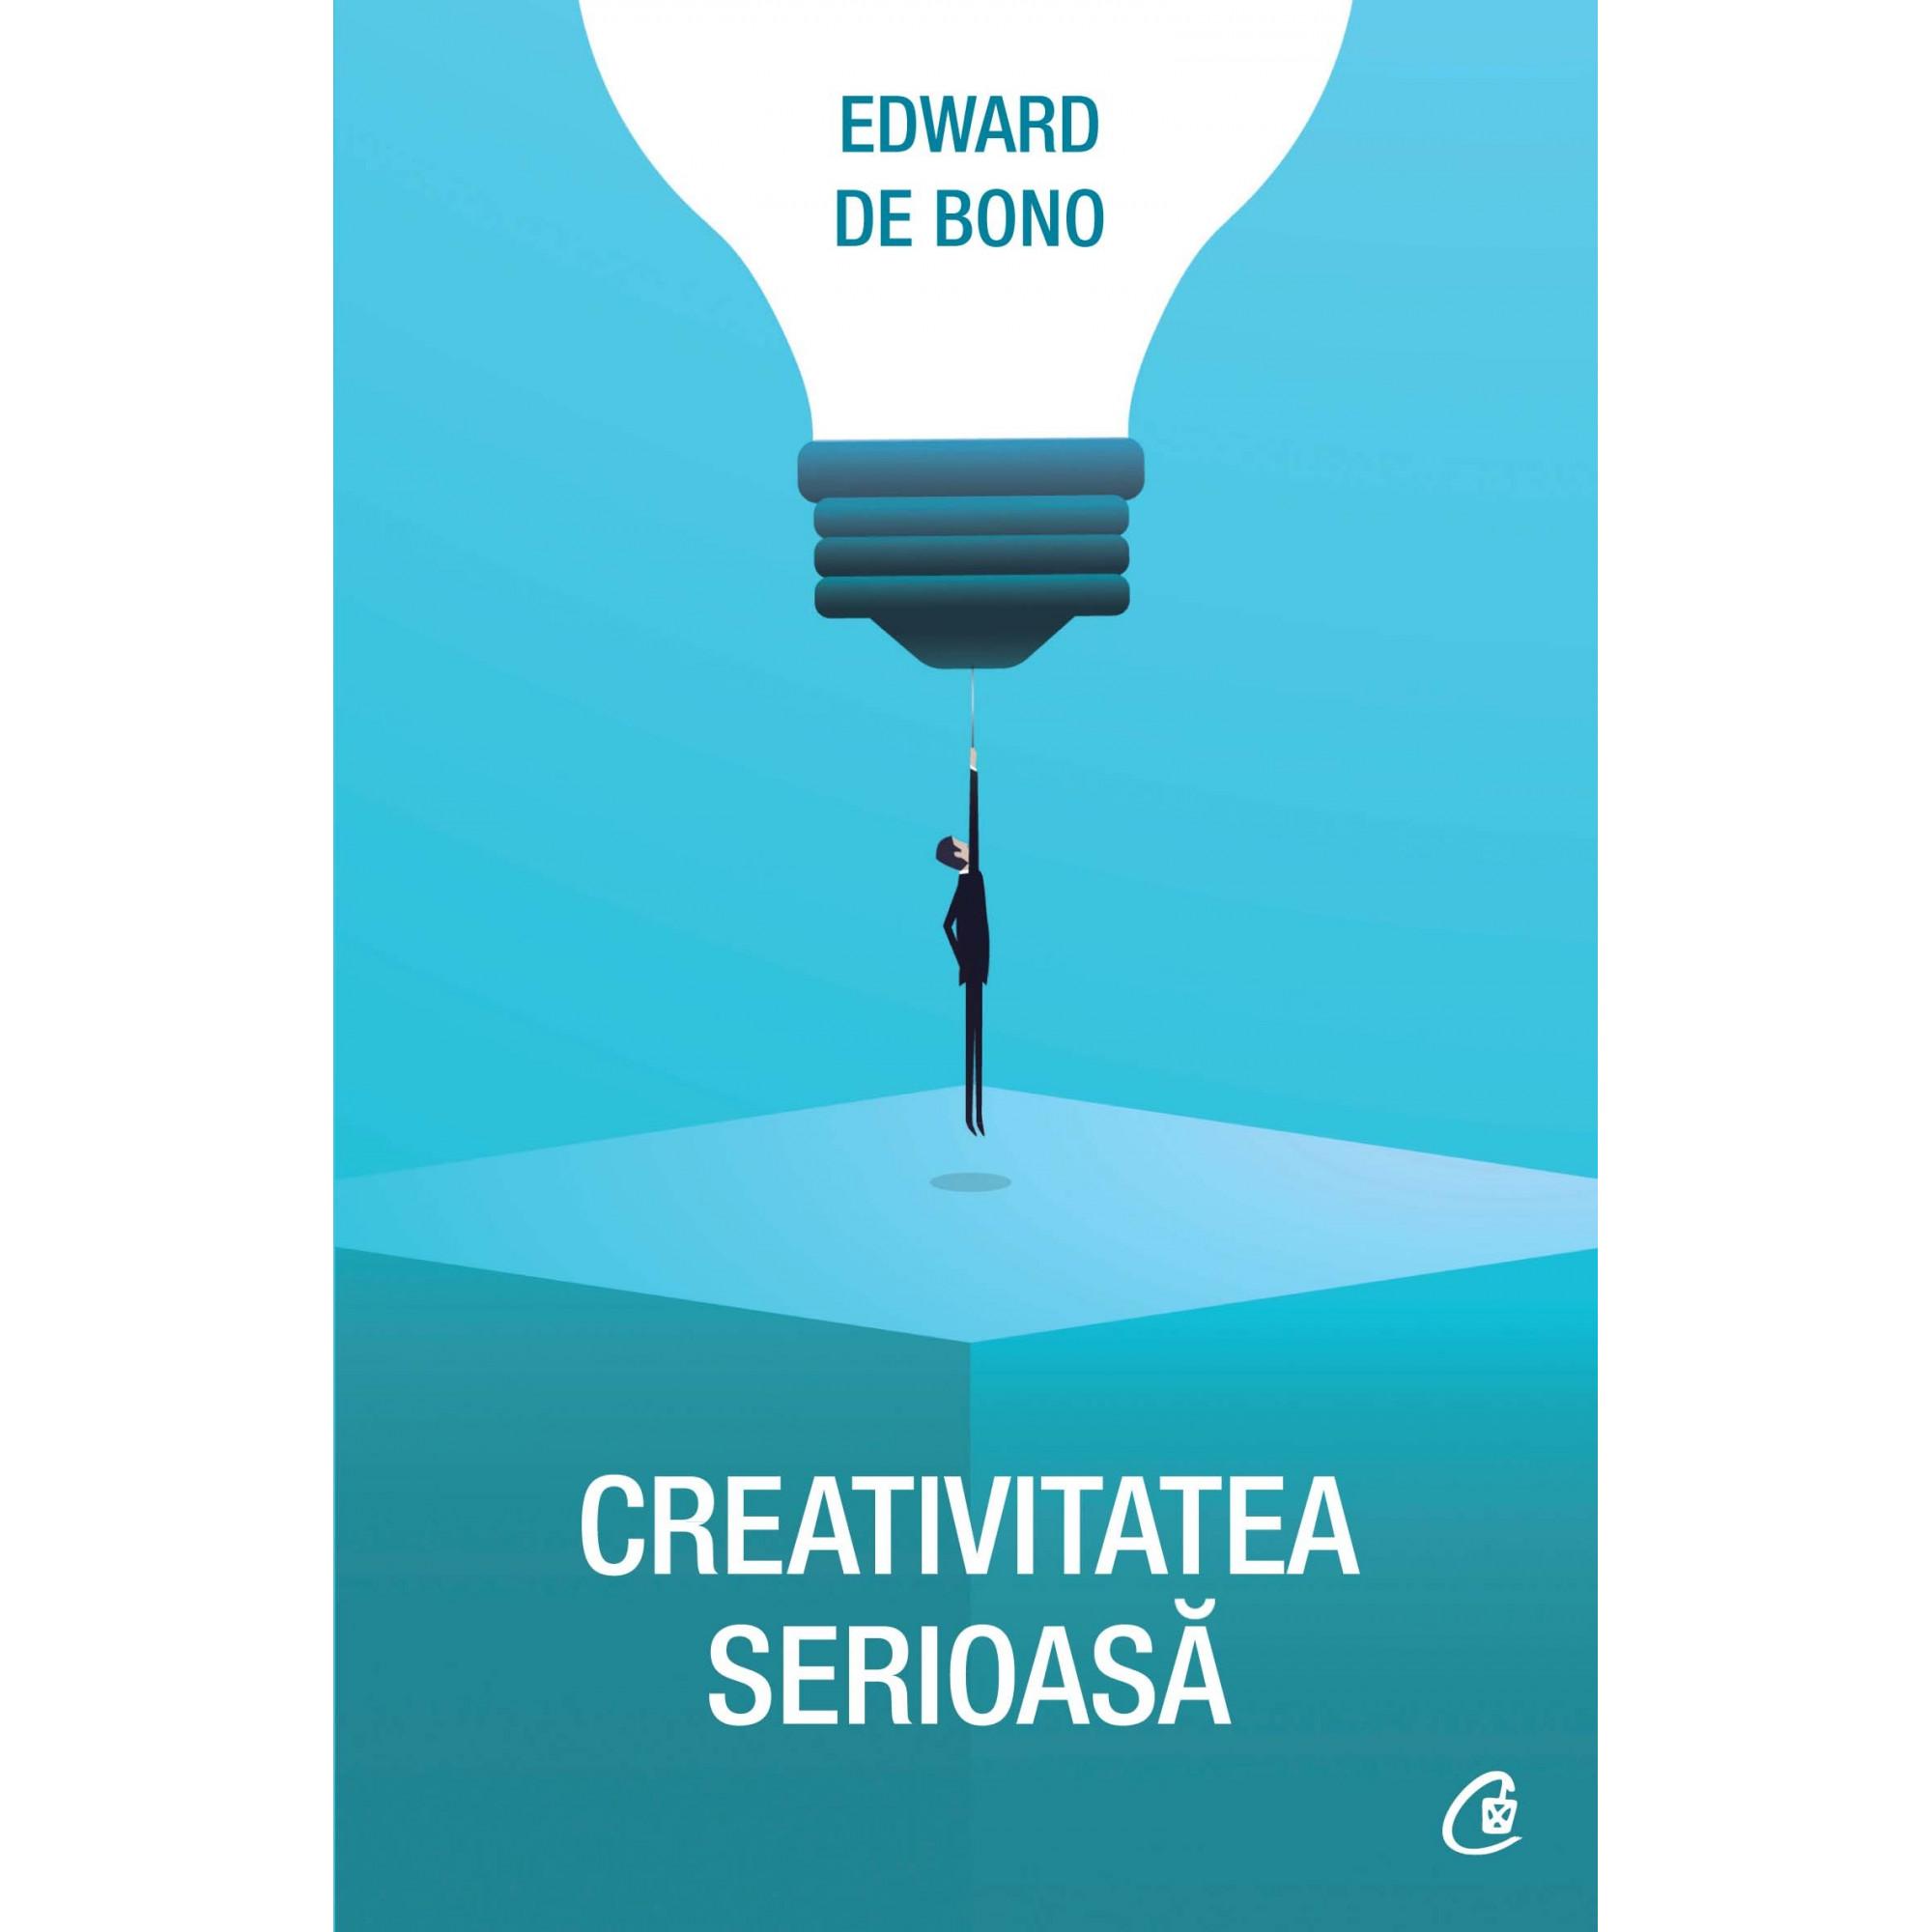 Creativitatea serioasă; Edward de Bono